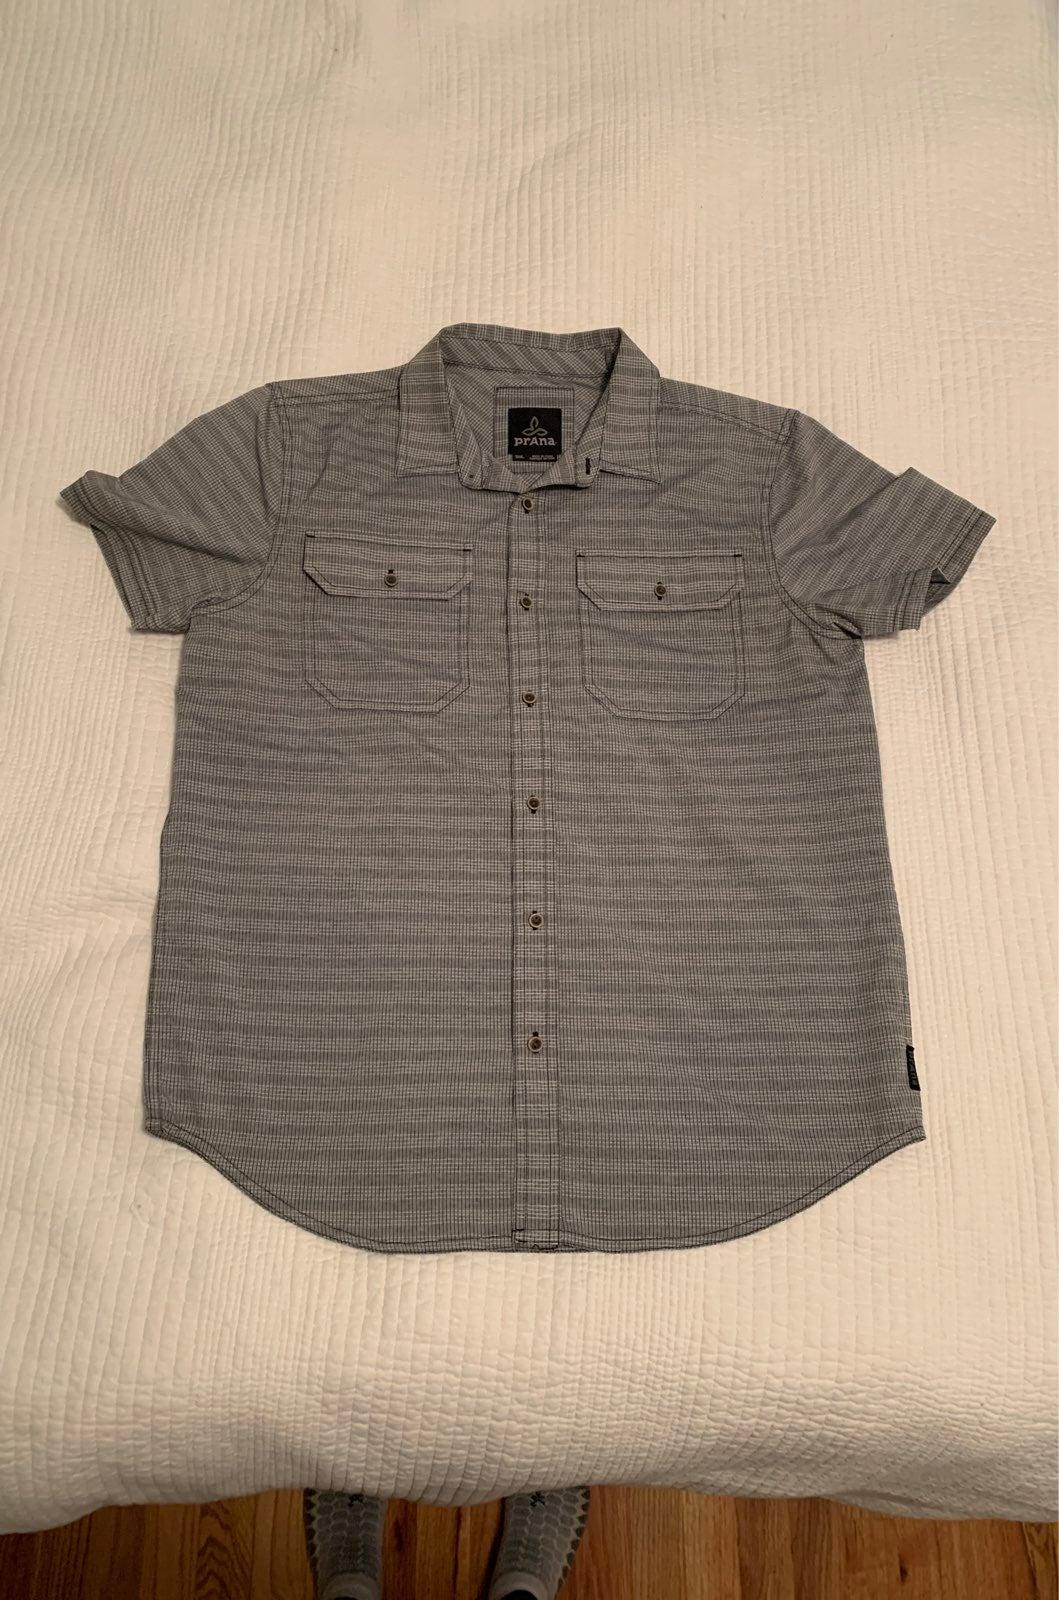 Prana Cayman hiking shirt